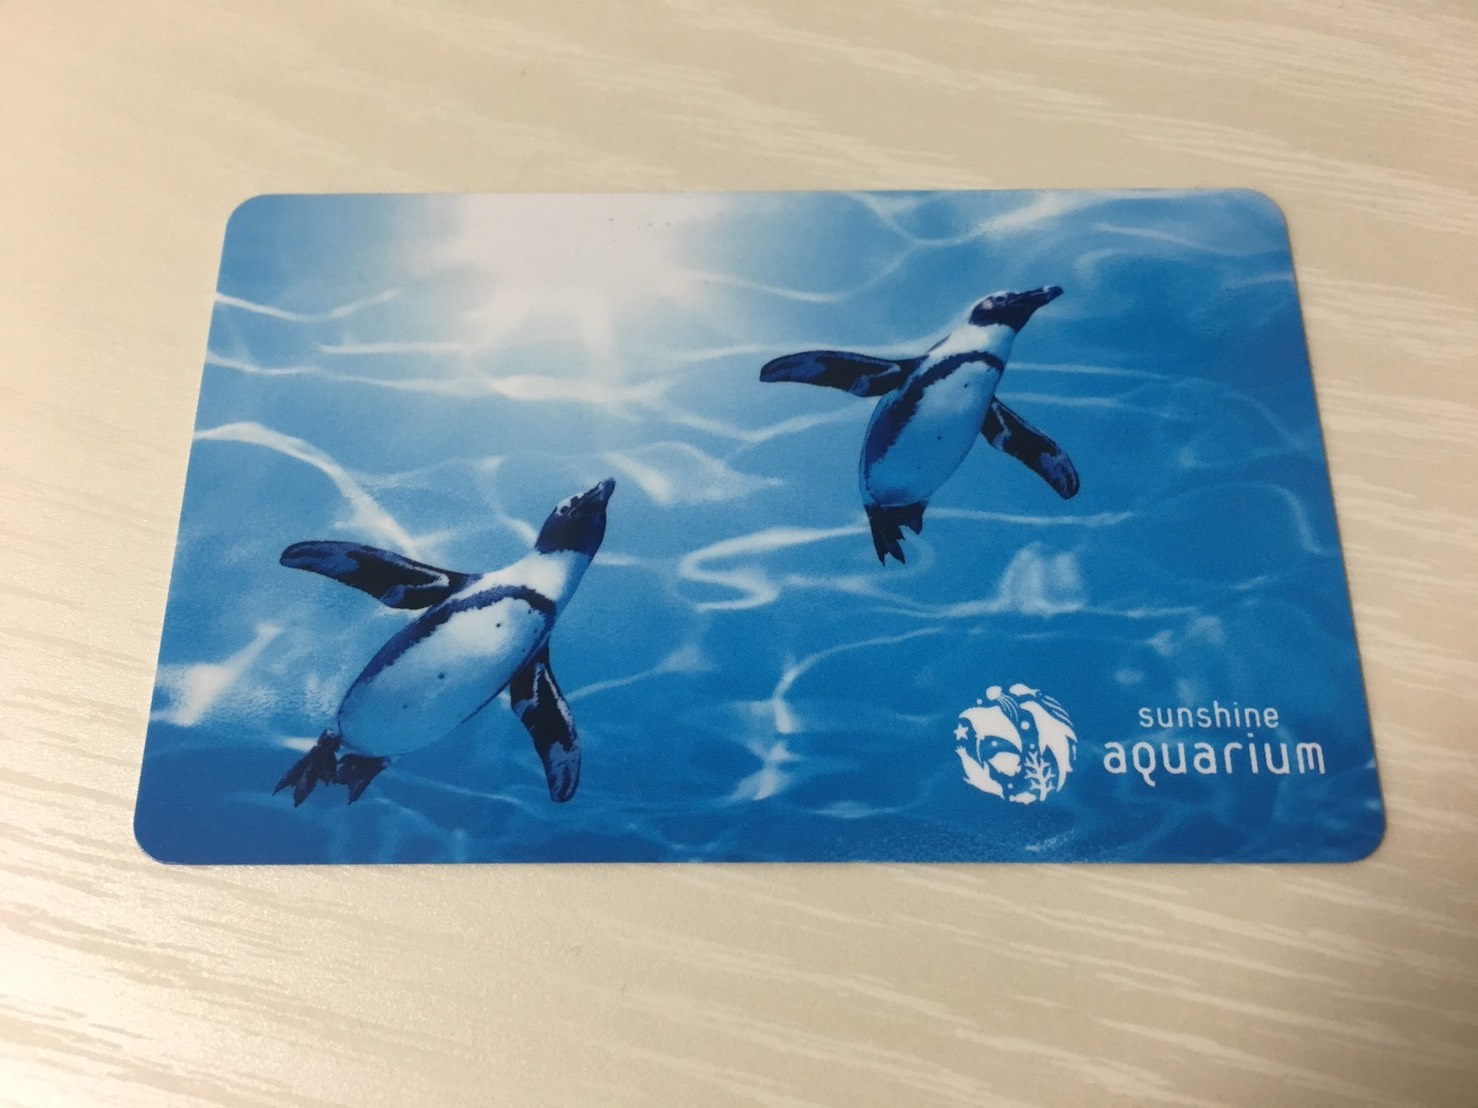 【池袋駅】「サンシャイン水族館」で癒されようよ!ほら早く!の年間パスポート